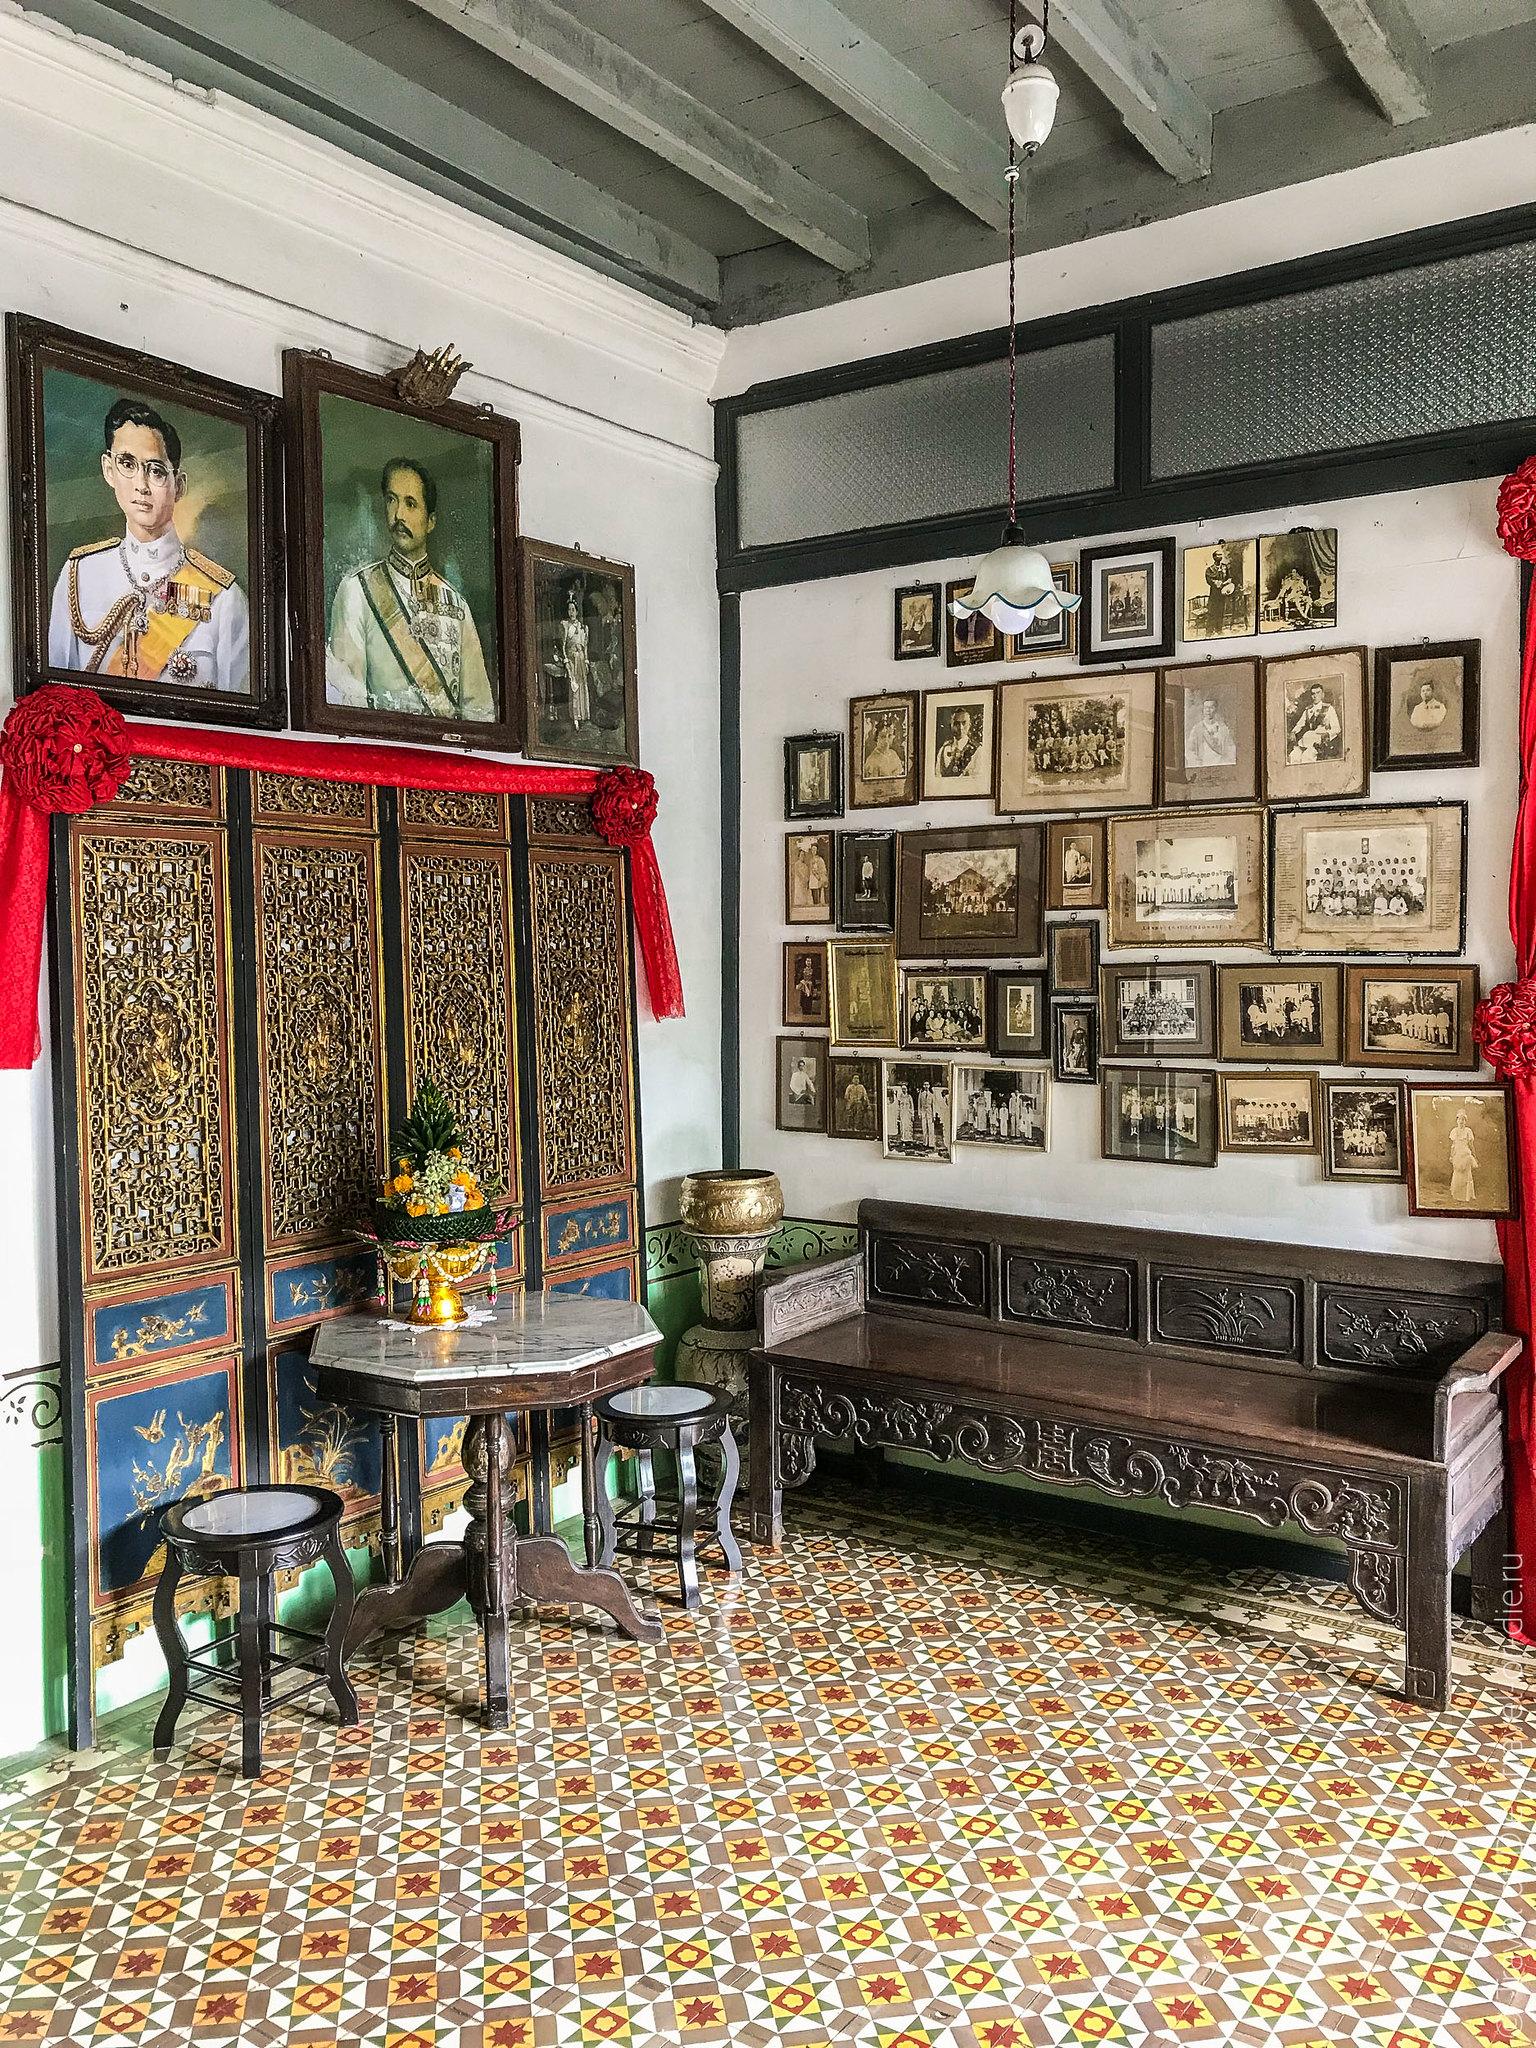 Chinpracha-House-Phuket-Town-3794